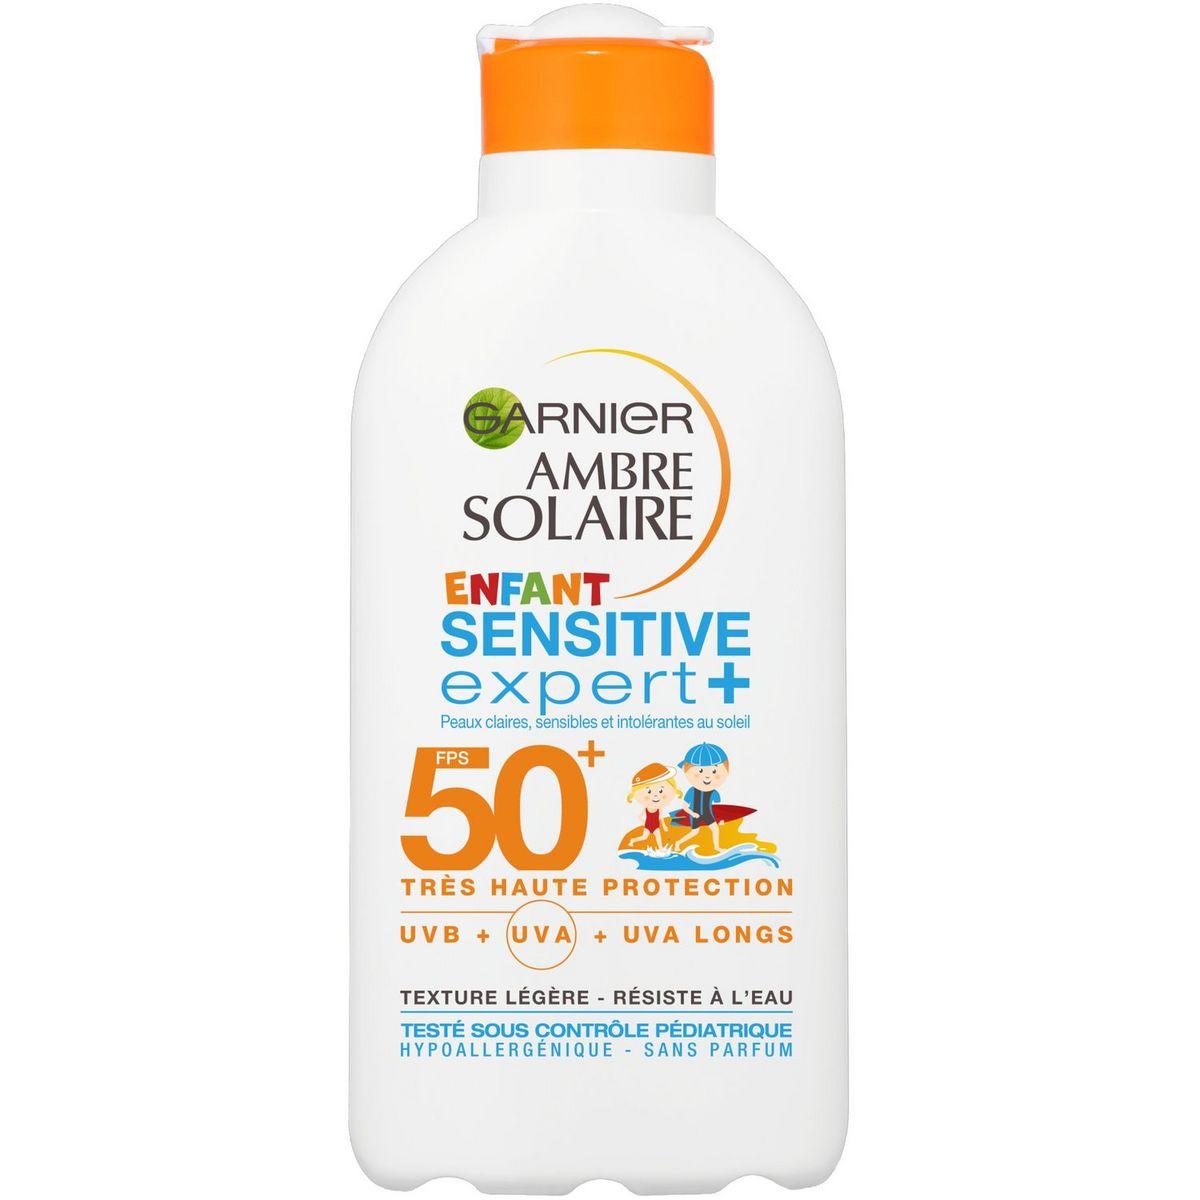 Garnier Ambre Solaire Crème solaire bébé très haute protection SPF50+ 50ml